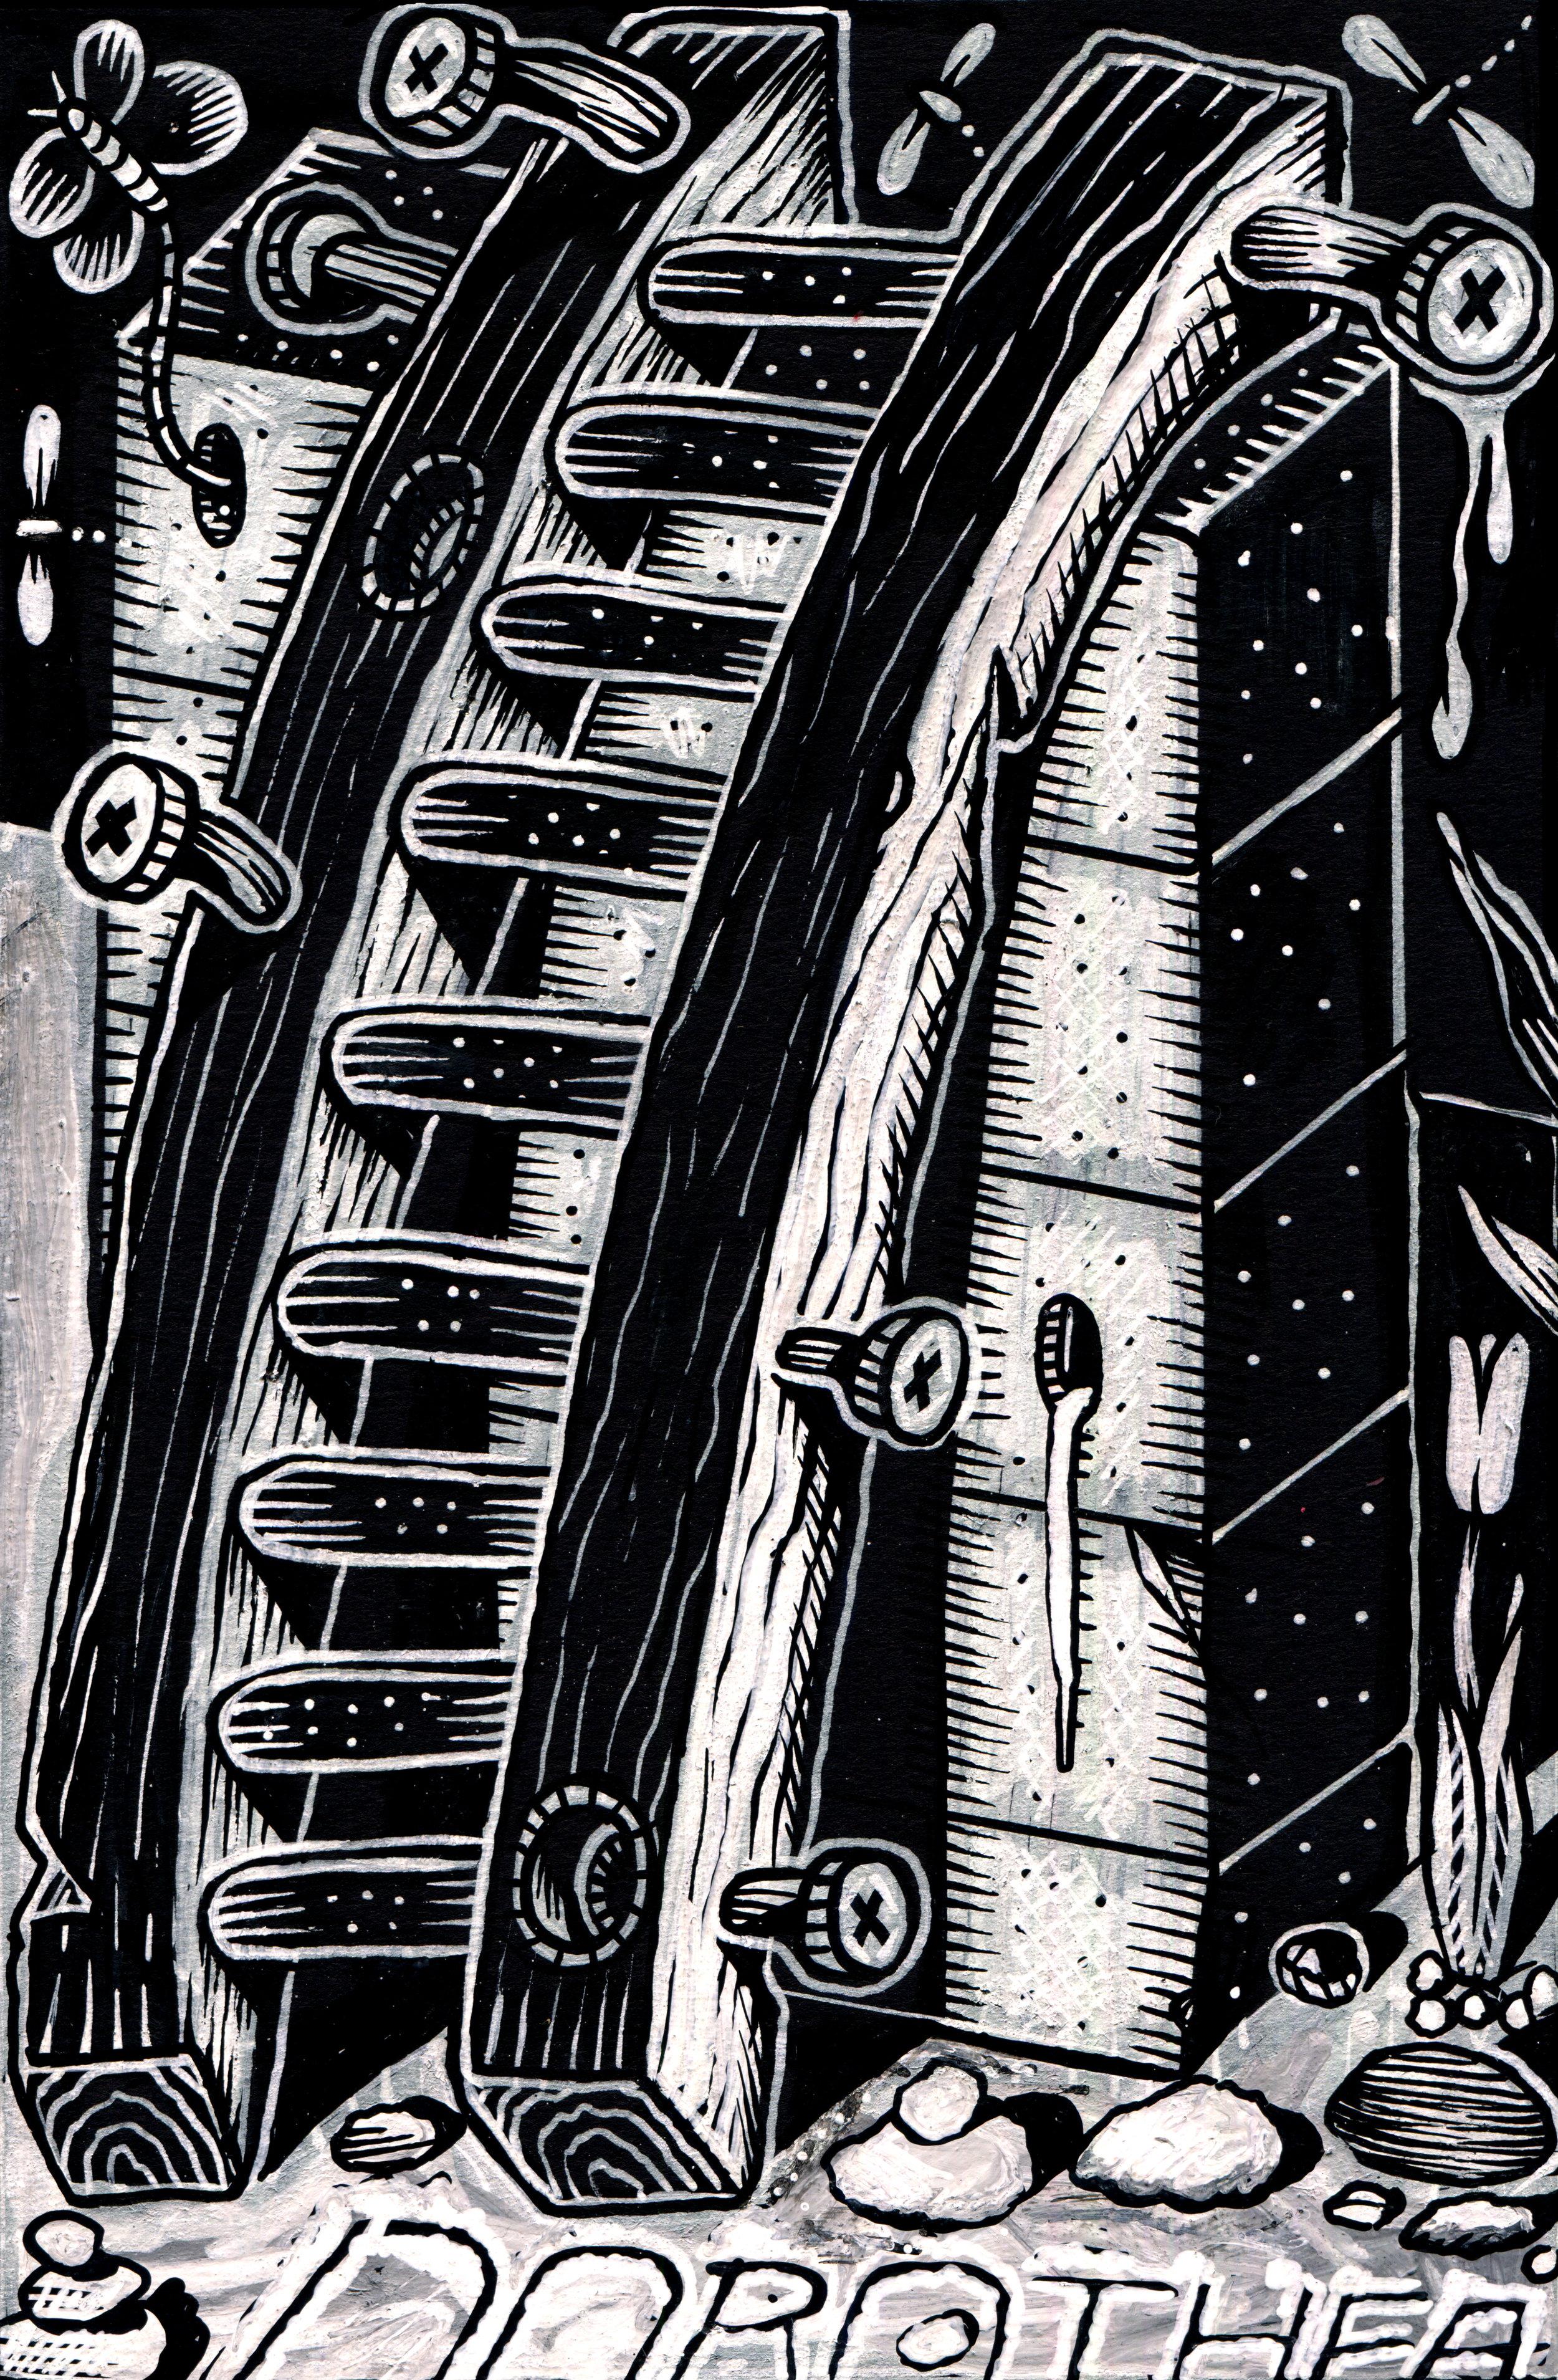 Dorothea (Ladder)